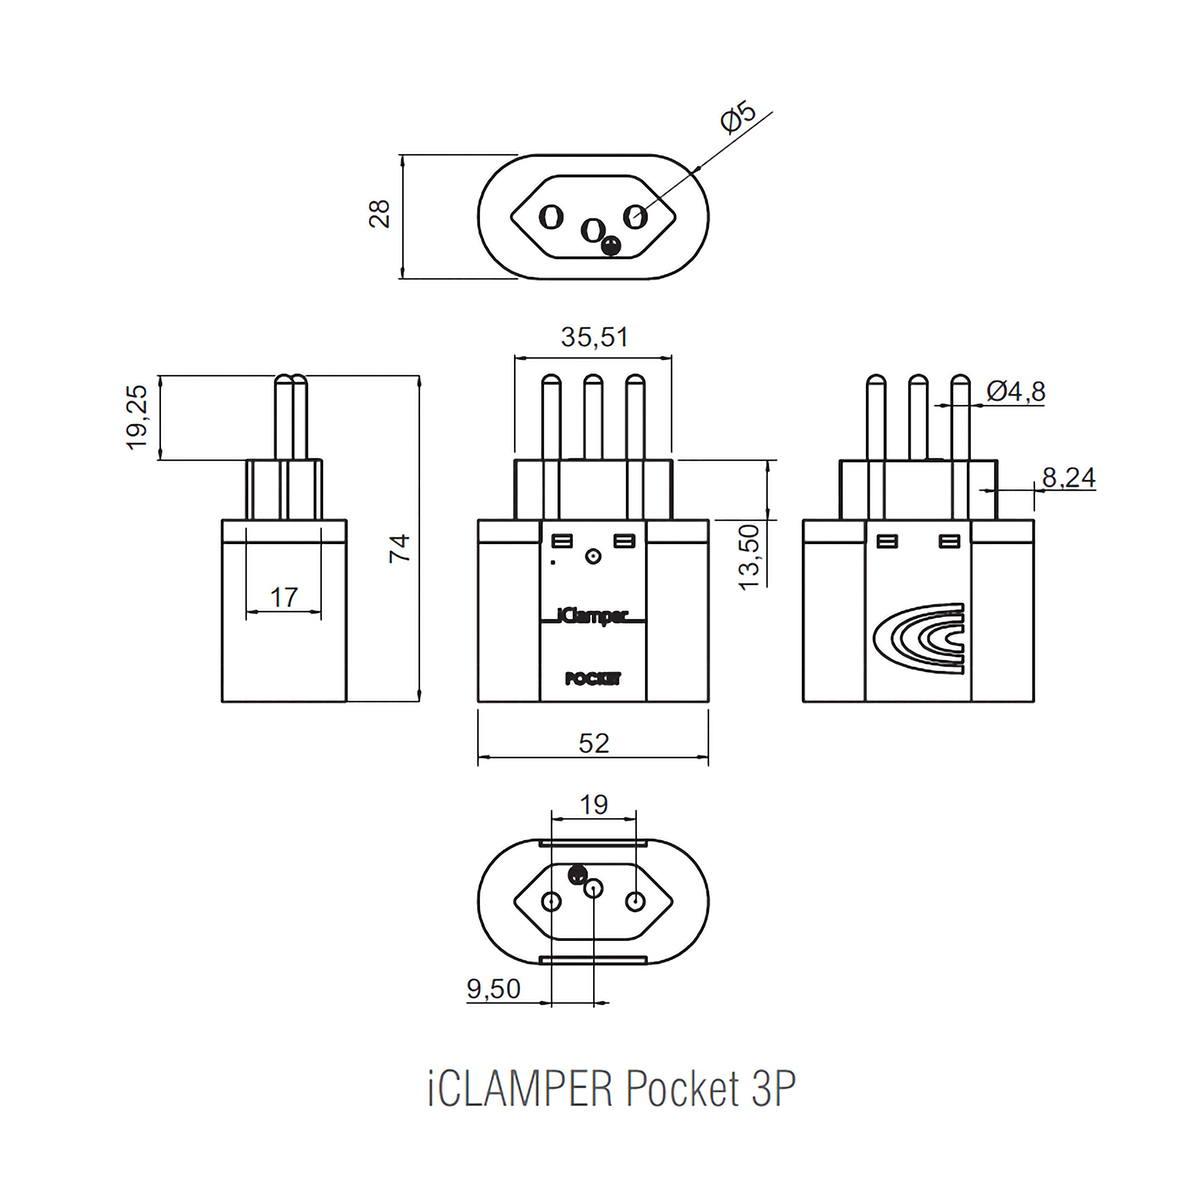 DPS Plug & Use iClamper Pocket 3P 20A Transparente Protege Contra Raios e Surtos mesmo em Ambientes Sem Aterramento